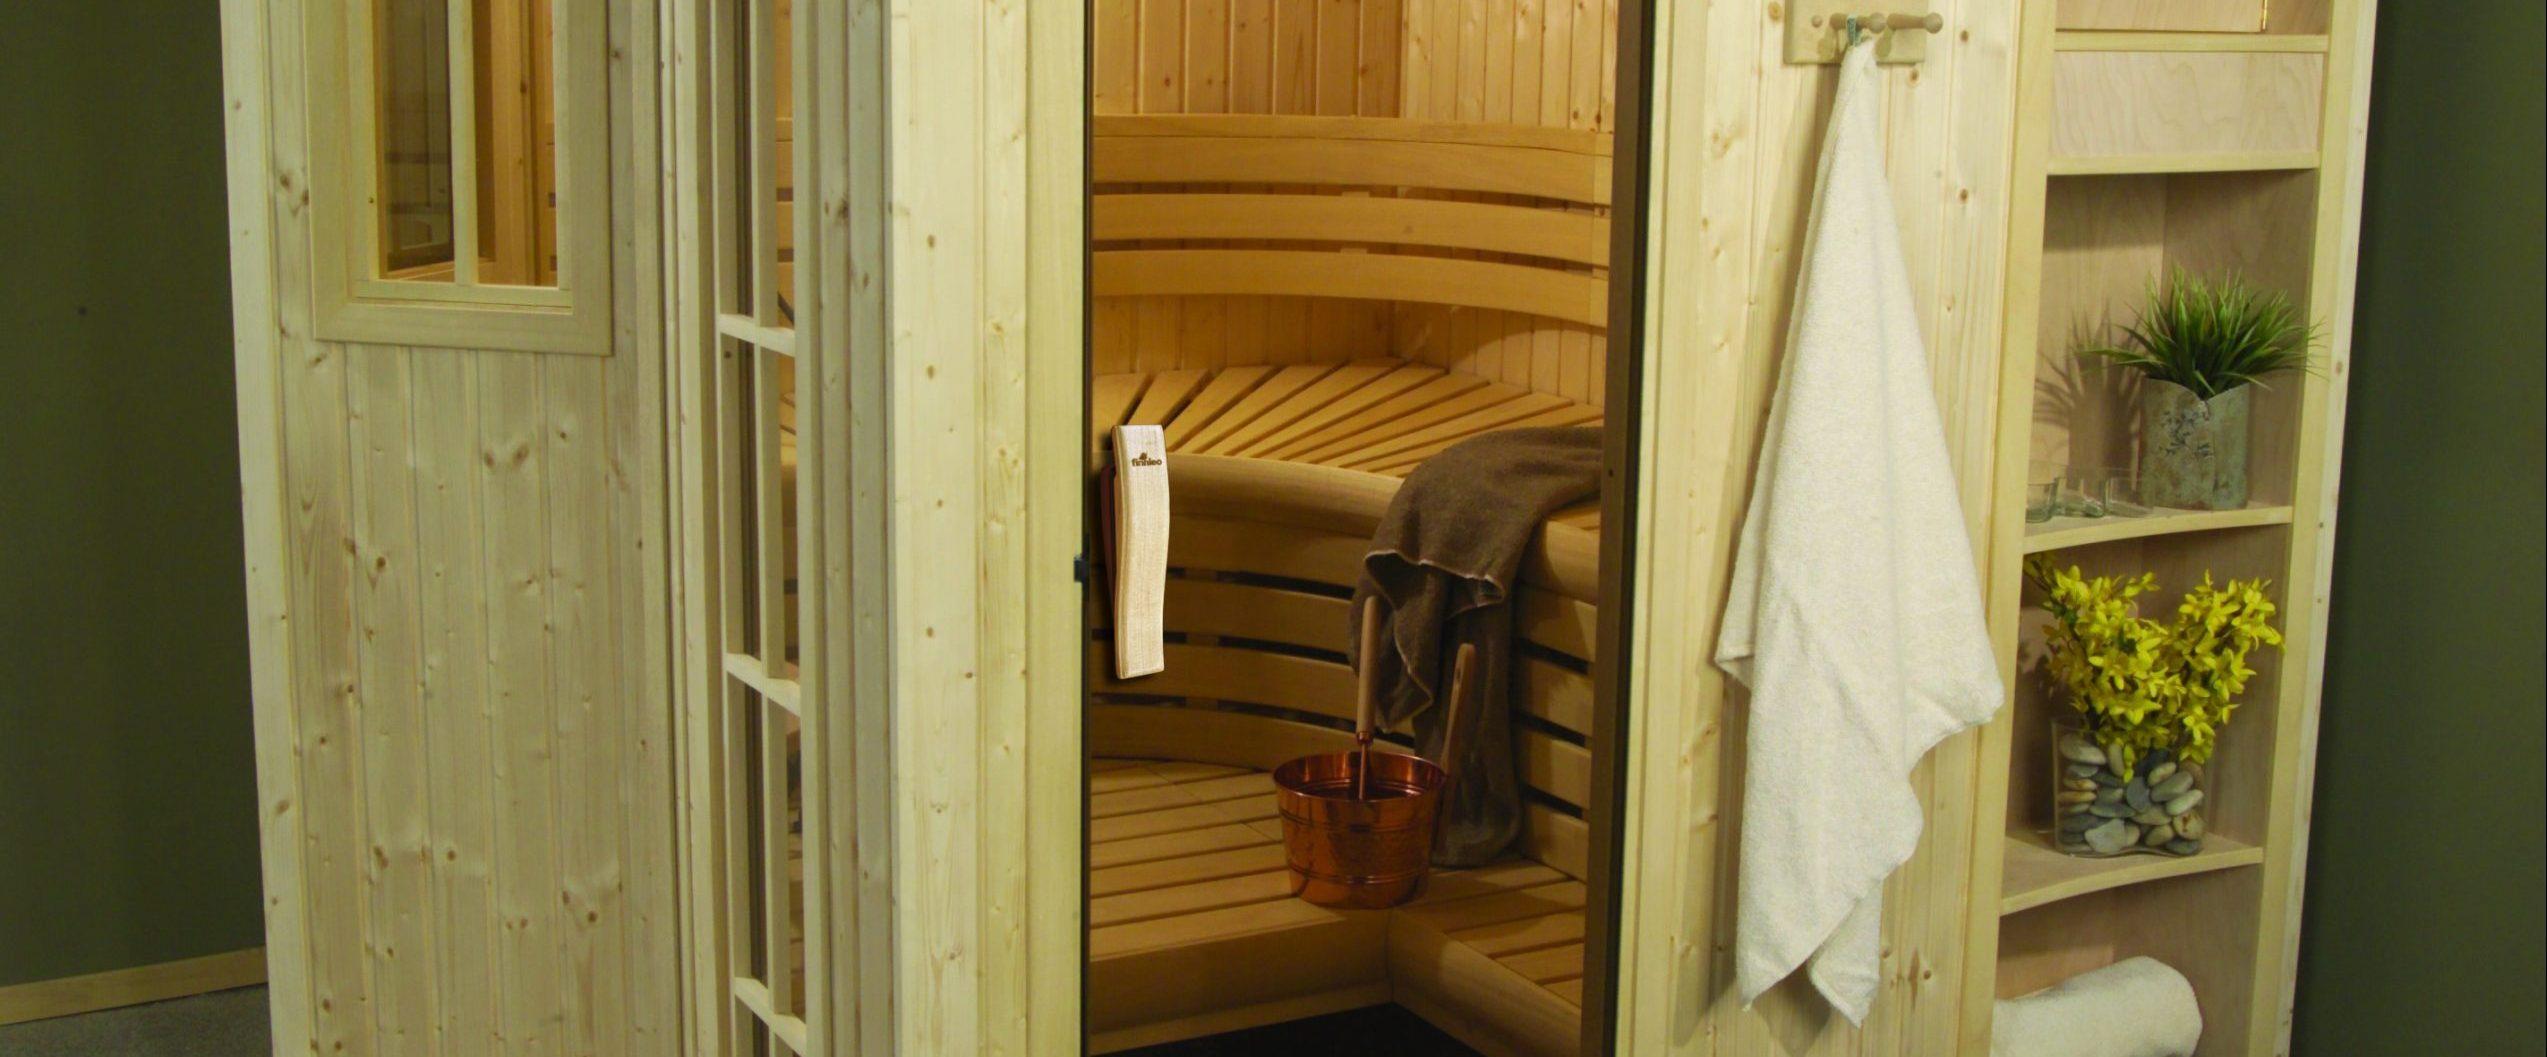 Can Children Use Saunas?